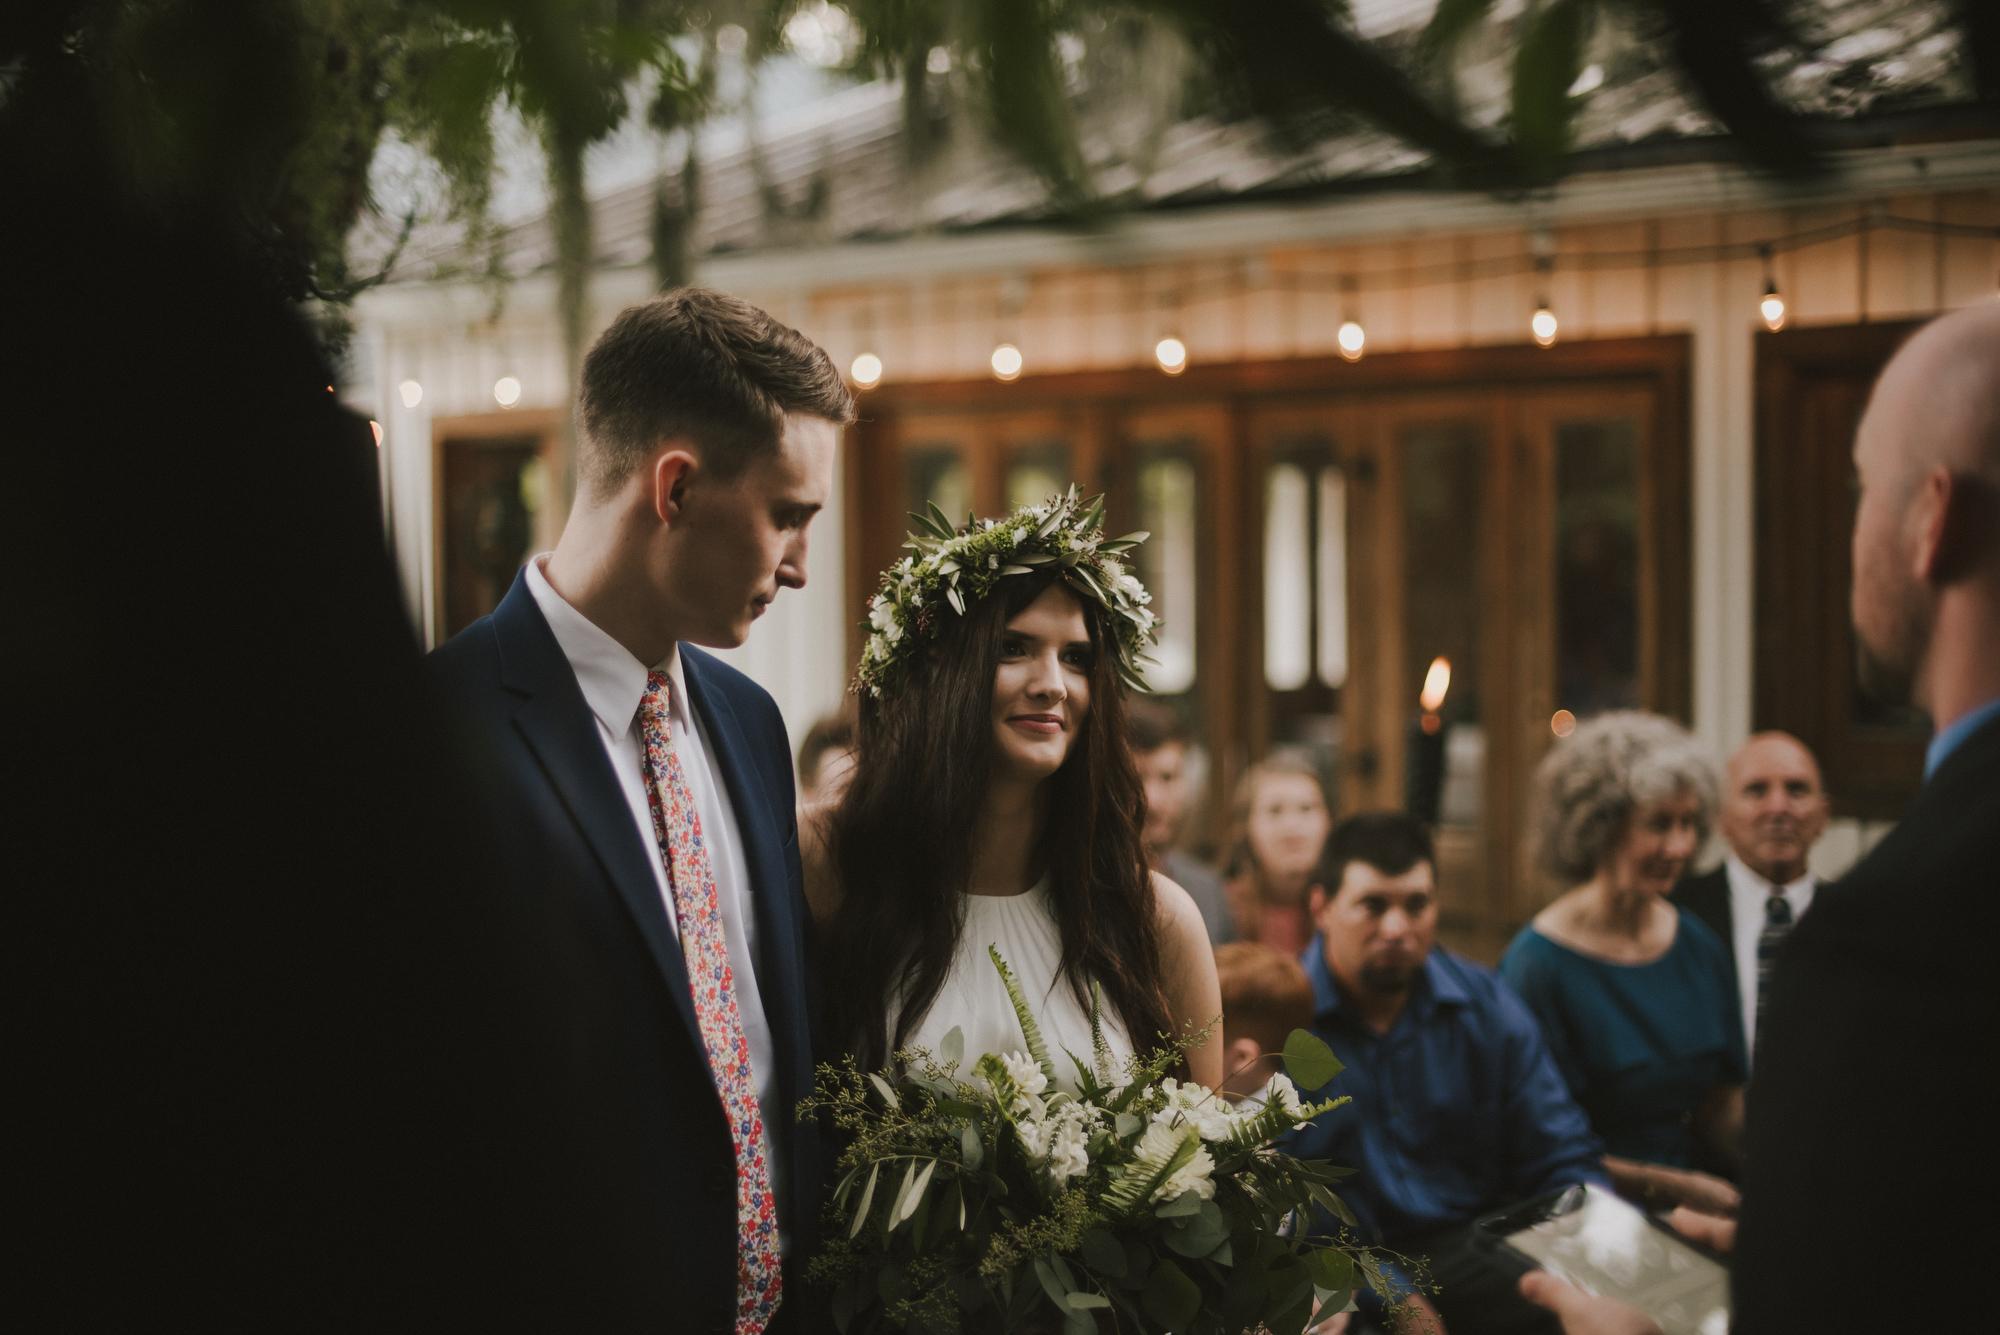 ofRen_weddingphotography081.JPG